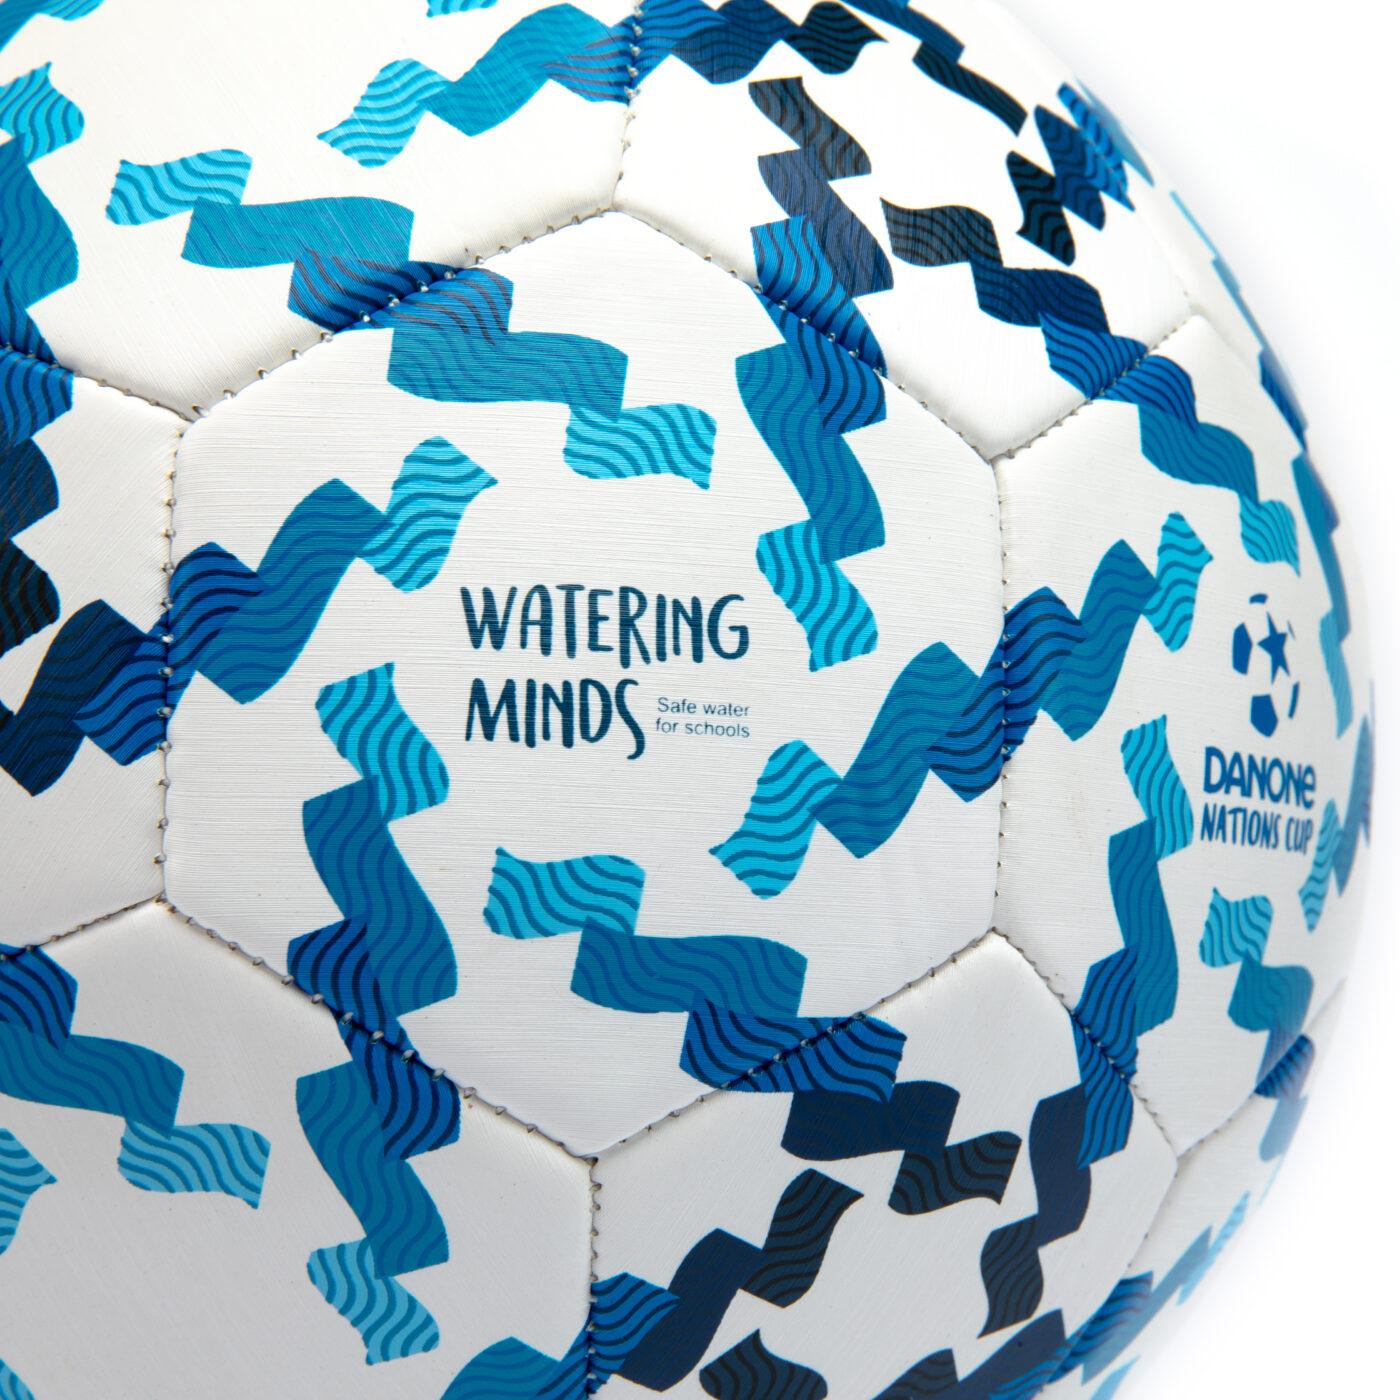 ballon-danone-nations-cup-acces-eau-potable-3